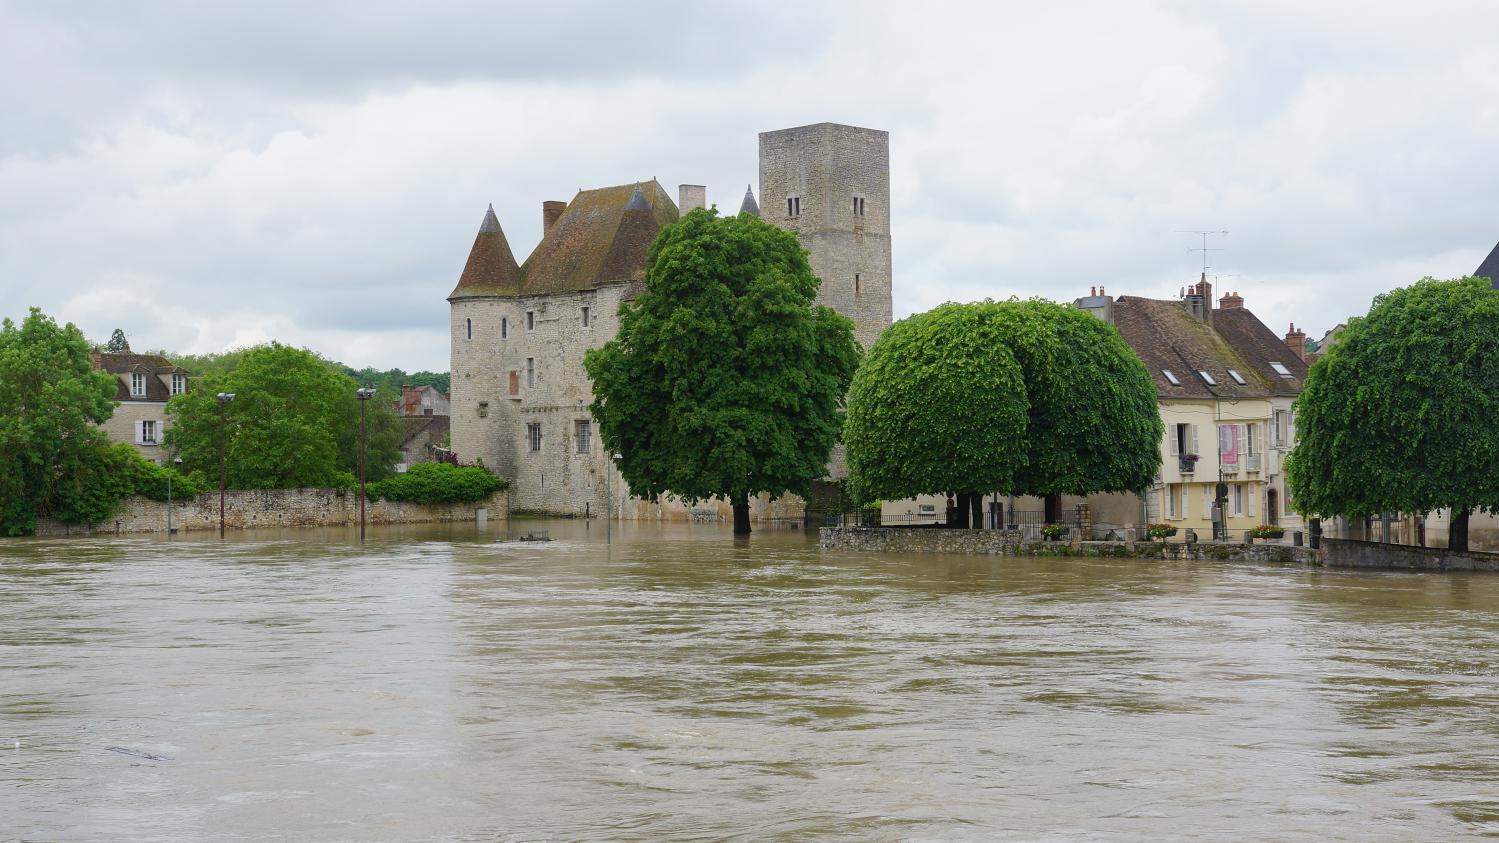 Inondations en seine et marne avec les sinistr s - Son et video champigny sur marne ...